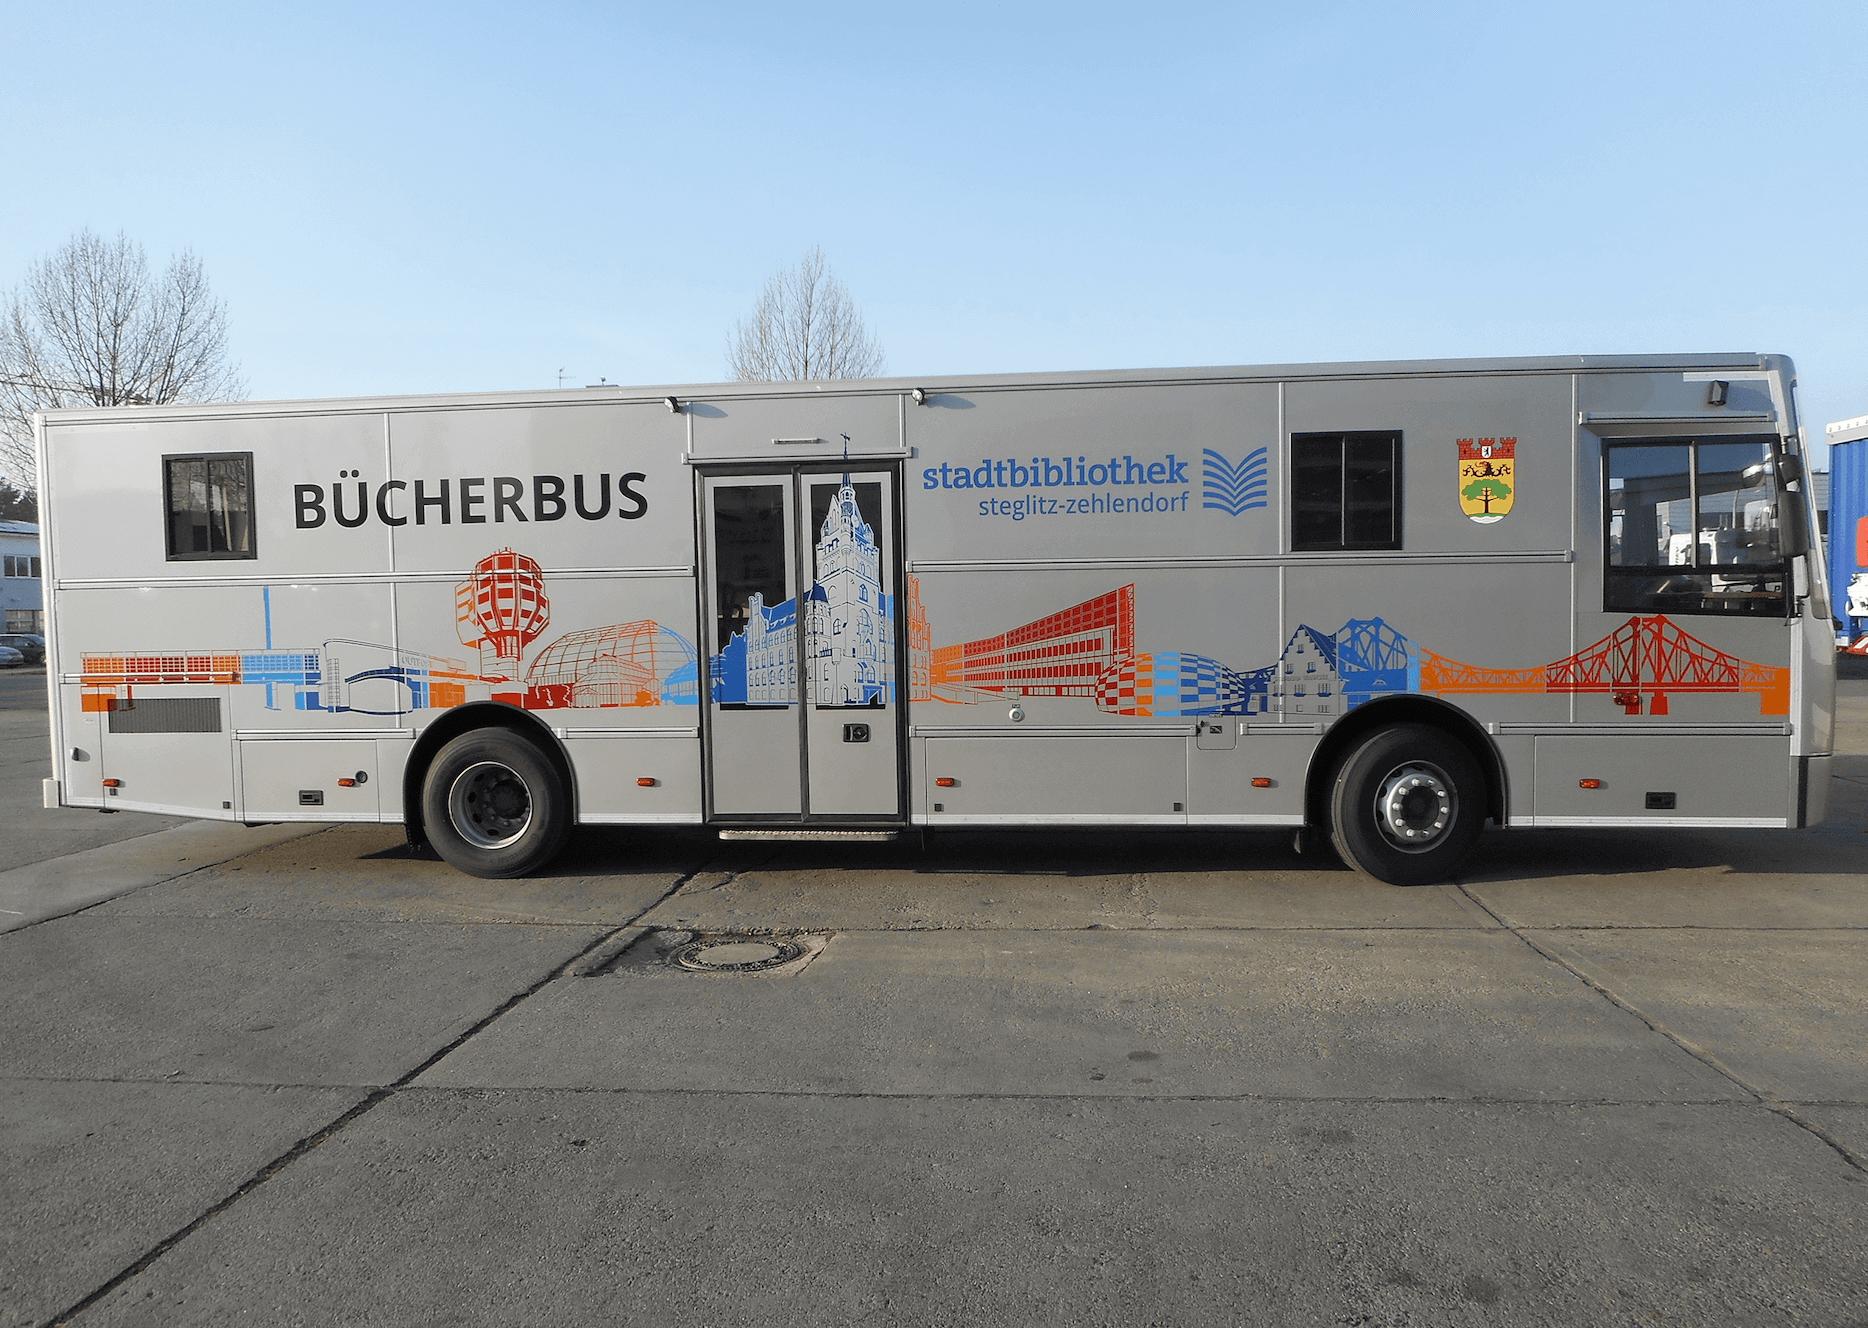 Neuer Bücherbus für Steglitz-Zehlendorf wird eingeweiht